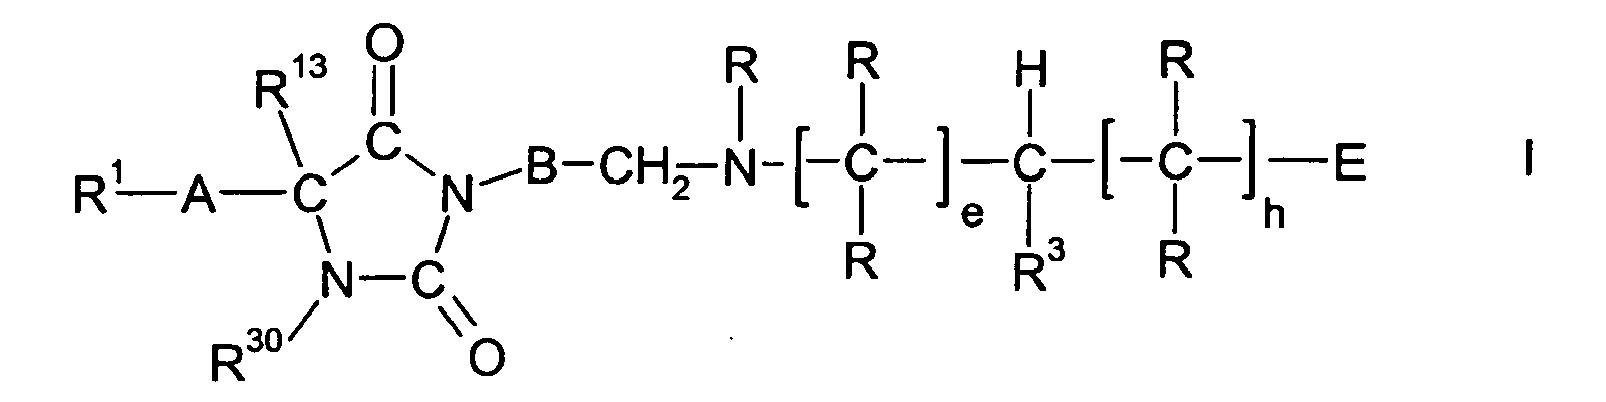 EP1414444B1 - Novel imidazolidine derivatives, their